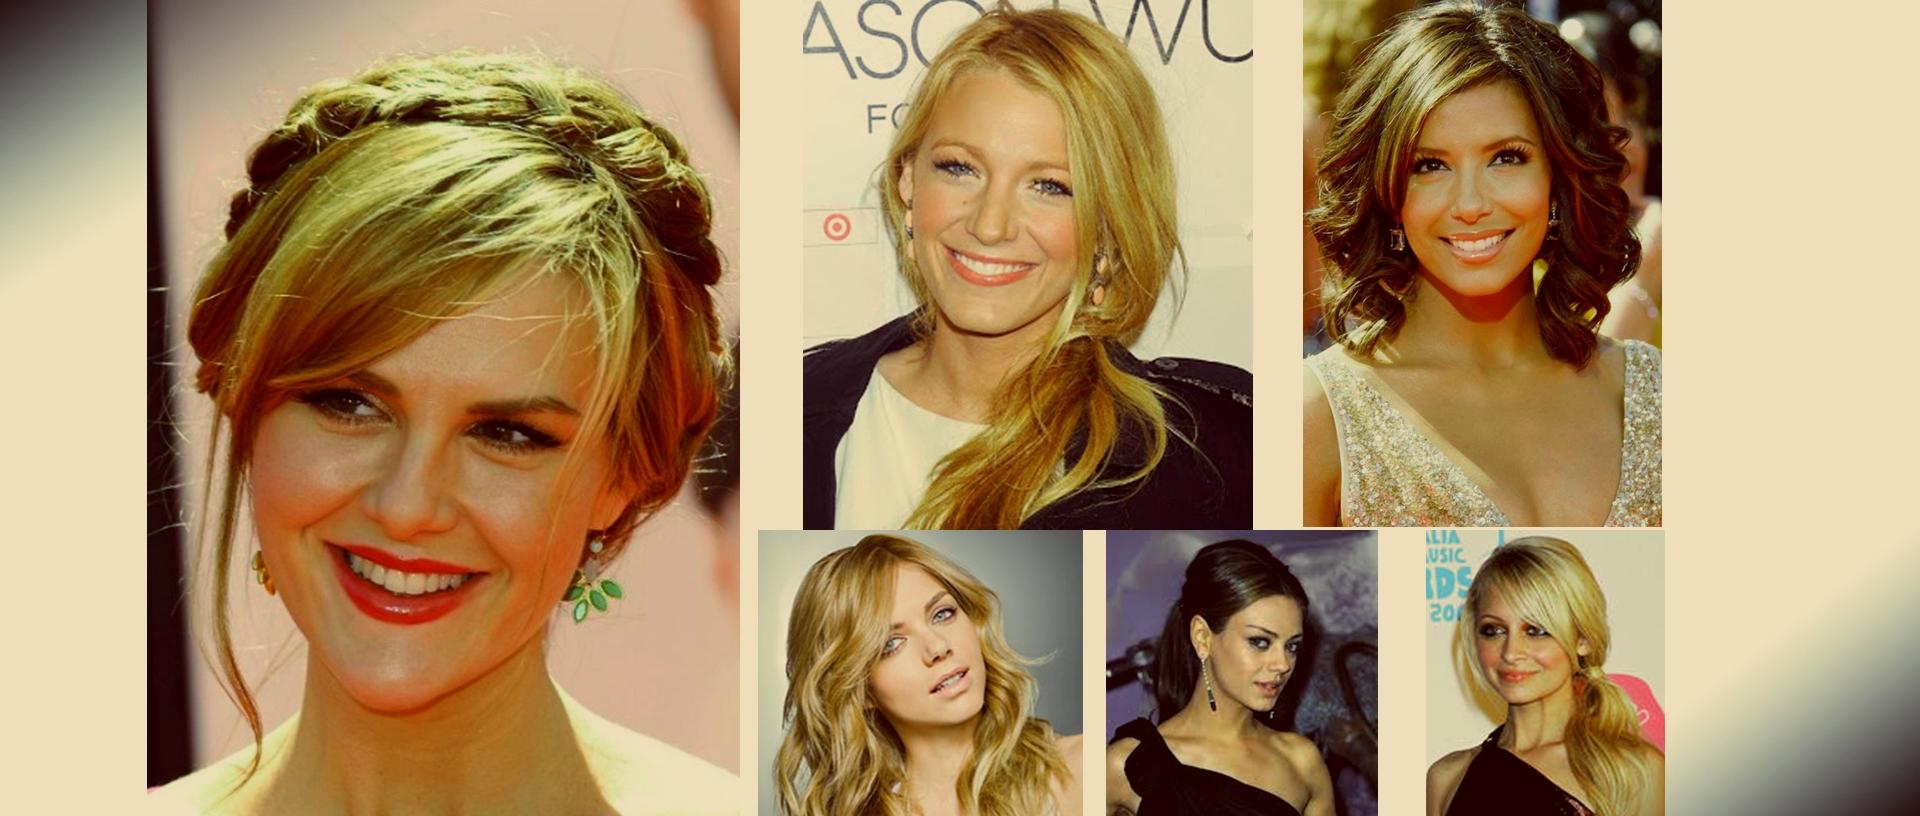 Hair Trends This Spring - by Aislinn Trodden, Global Expert, TIGI